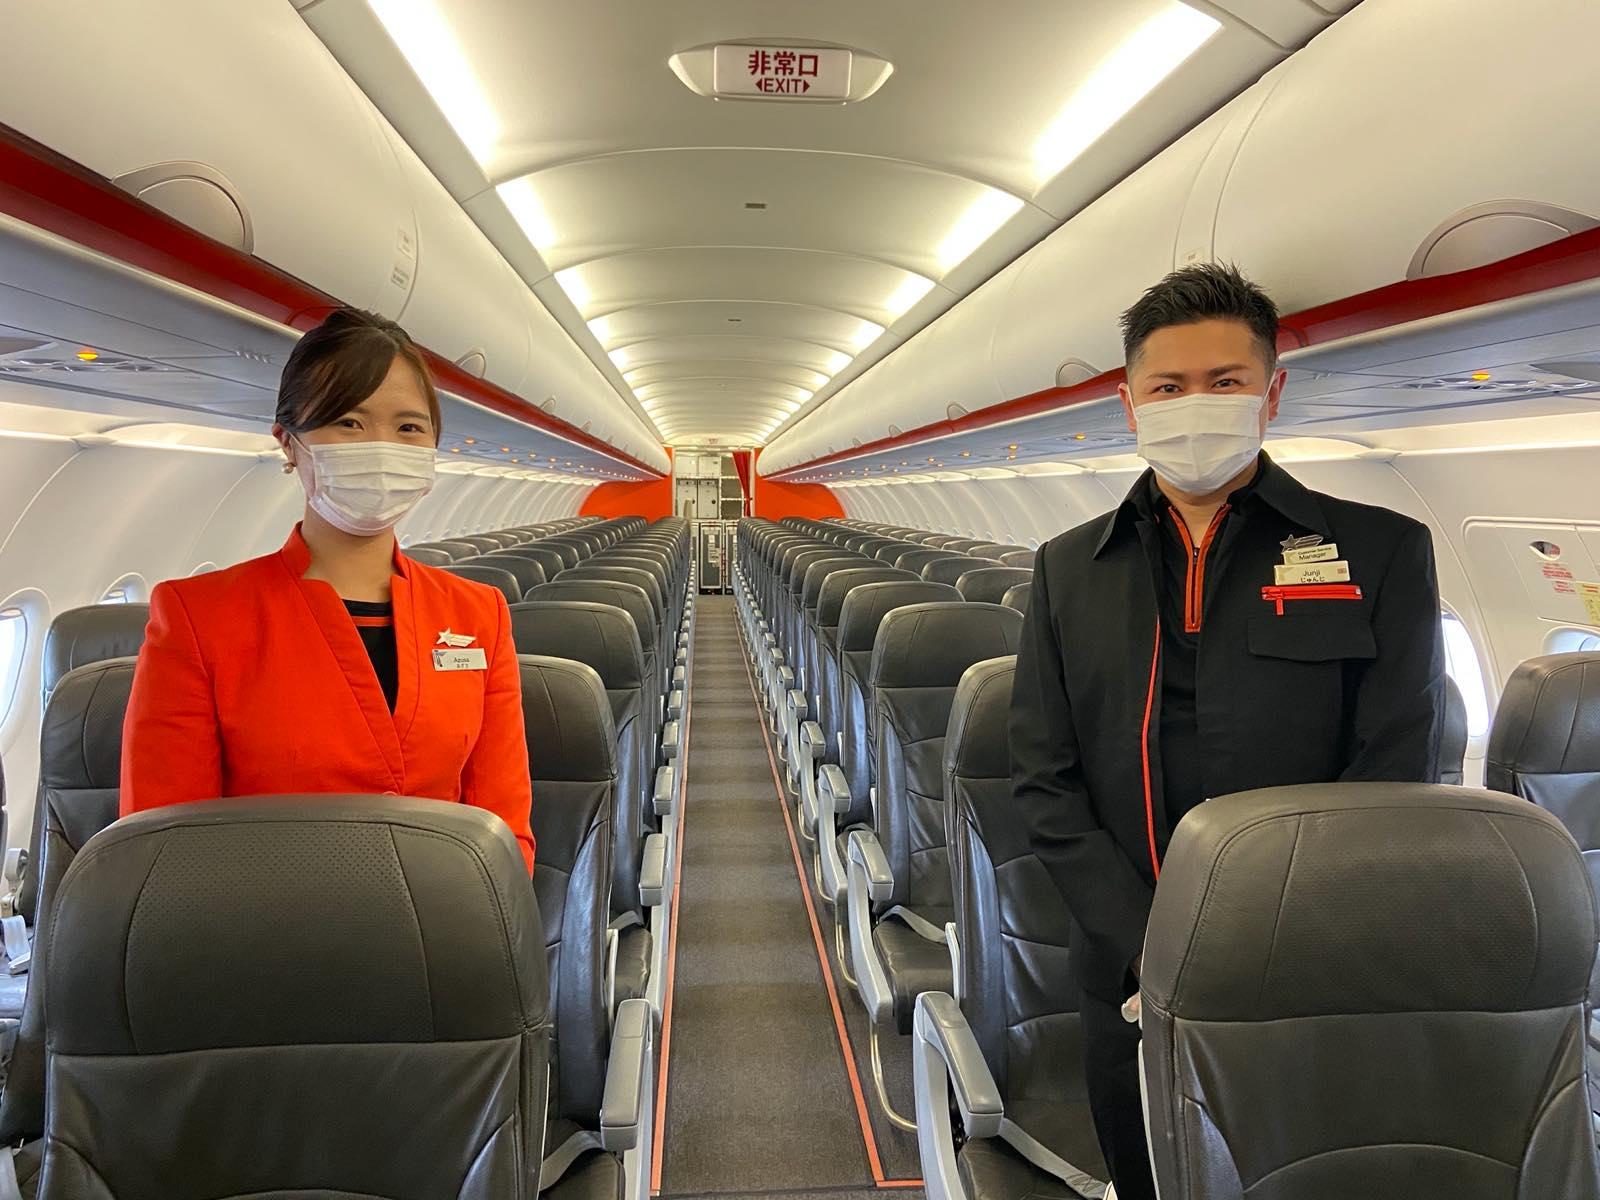 払い戻し ジェット スター コロナ コロナが怖くてジェットスターの航空券をキャンセル。無事払い戻しになりました